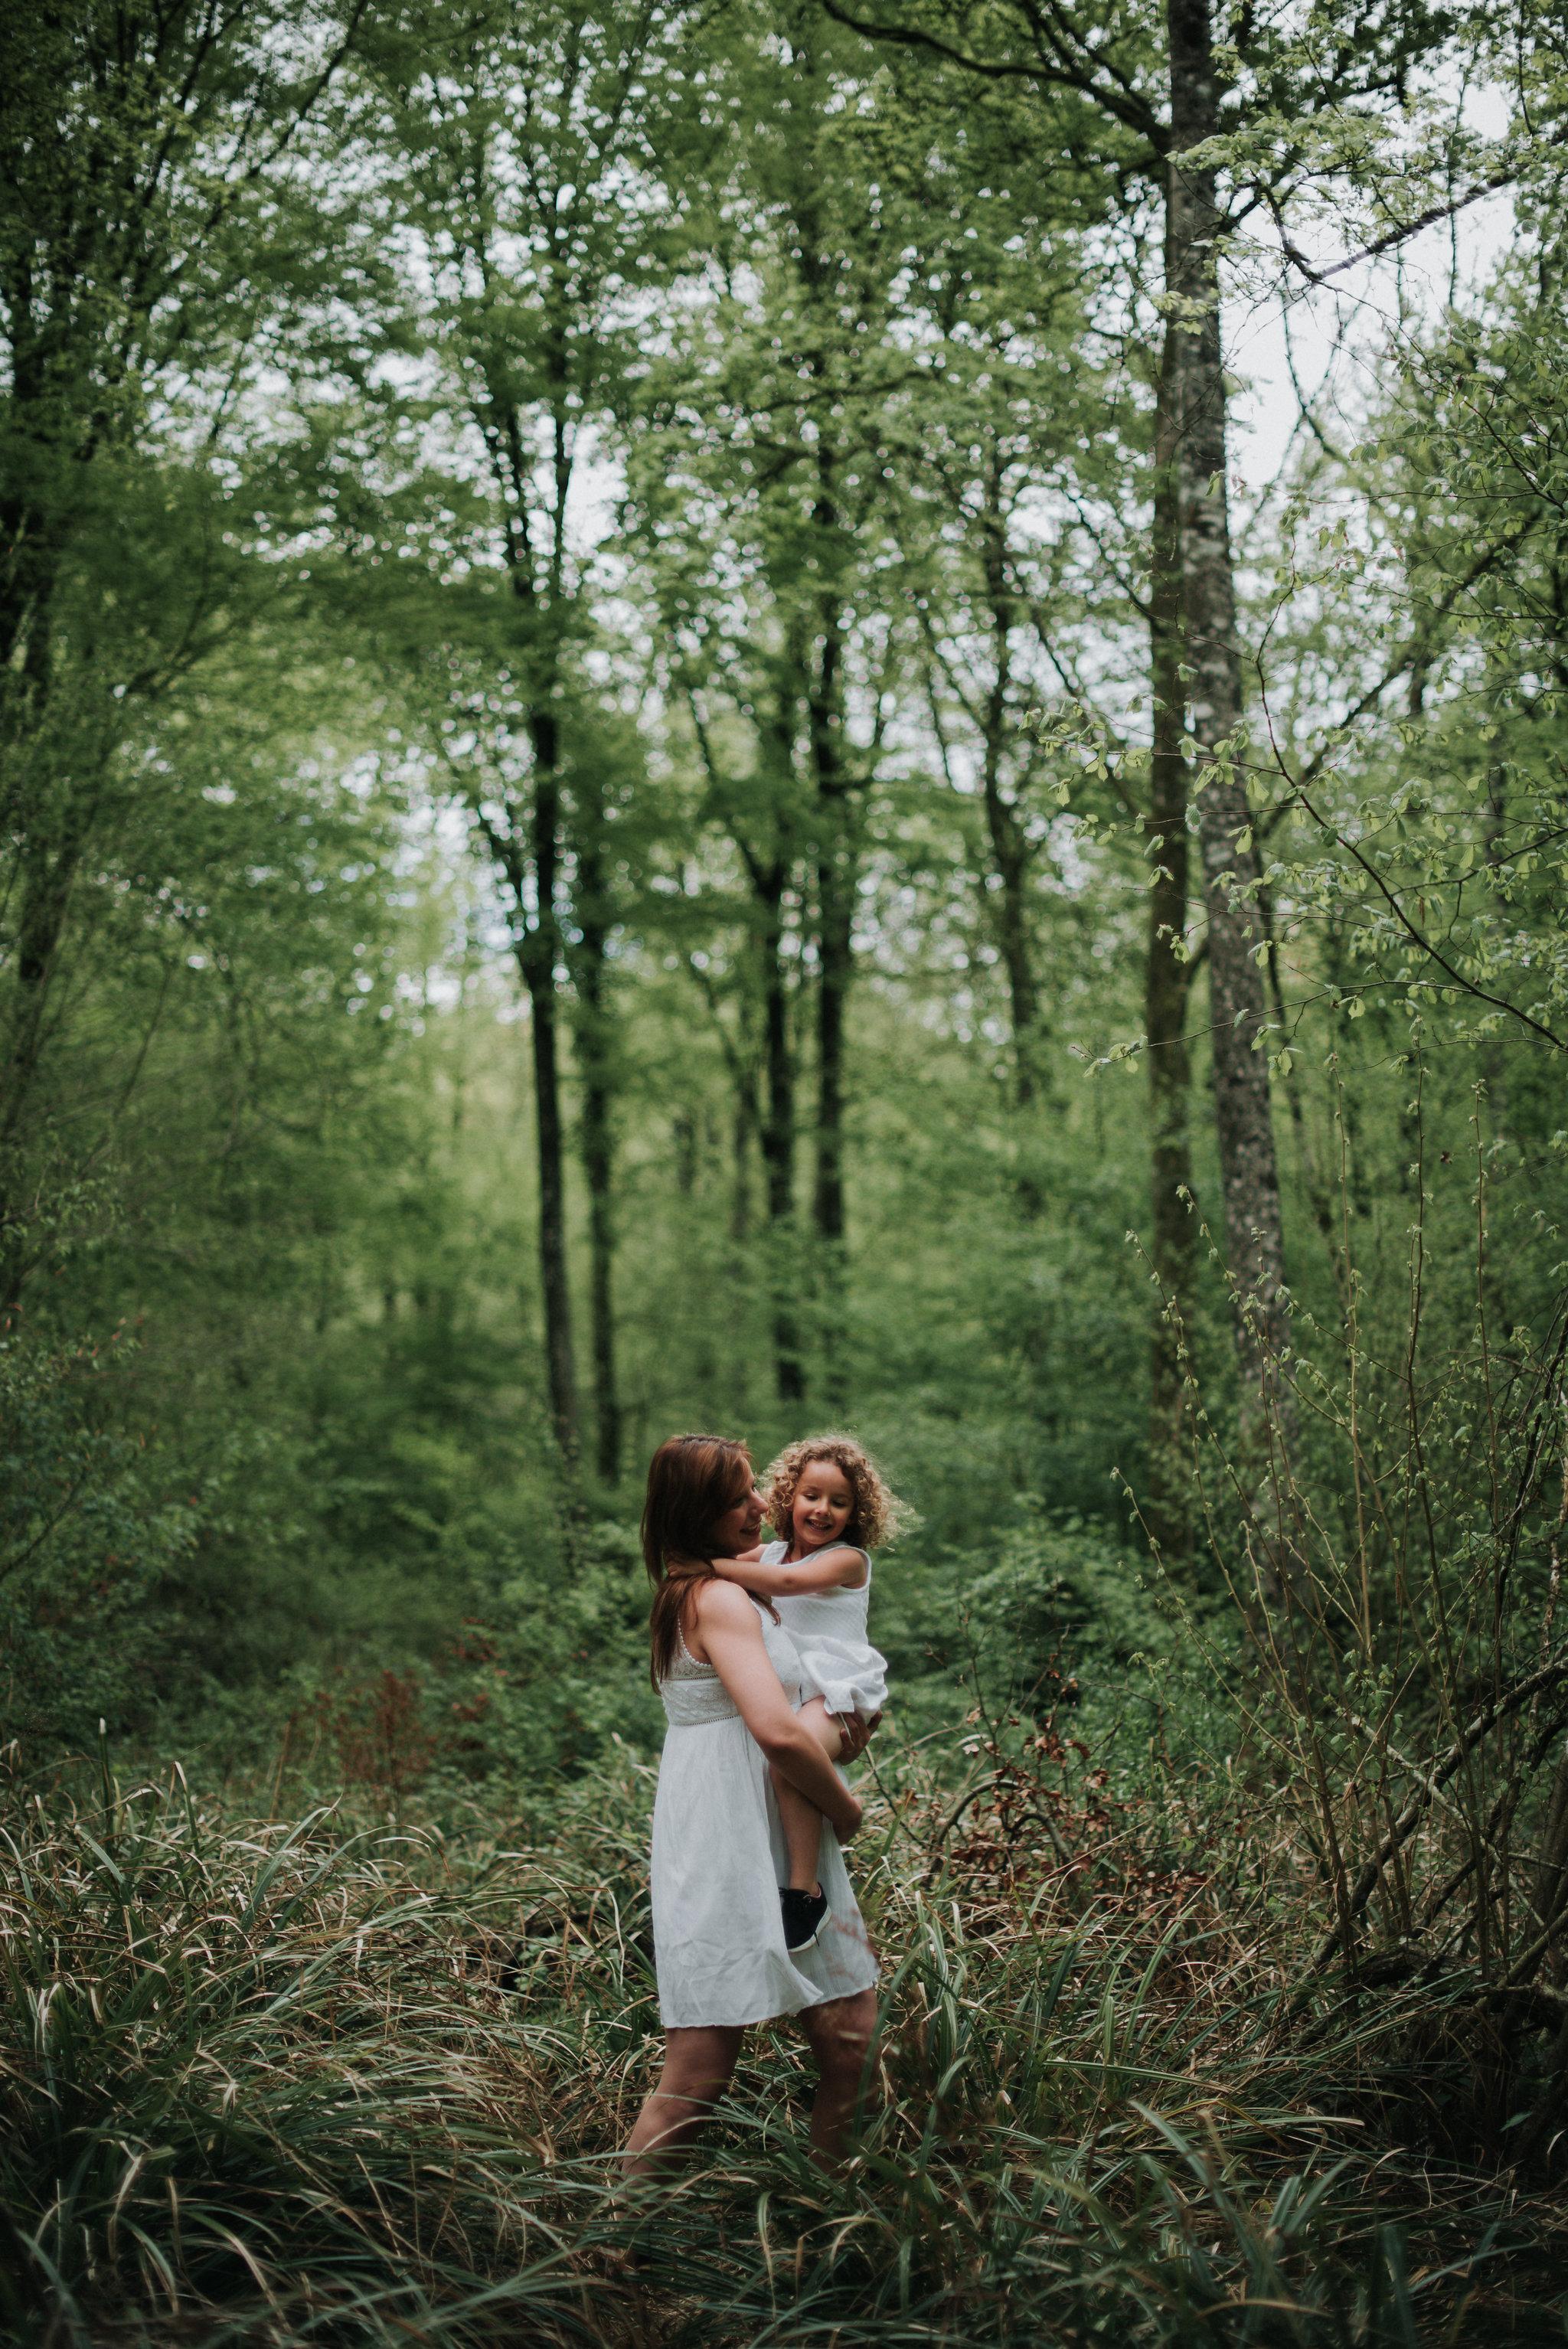 Léa-Fery-photographe-professionnel-lyon-rhone-alpes-portrait-creation-mariage-evenement-evenementiel-famille-7952.jpg